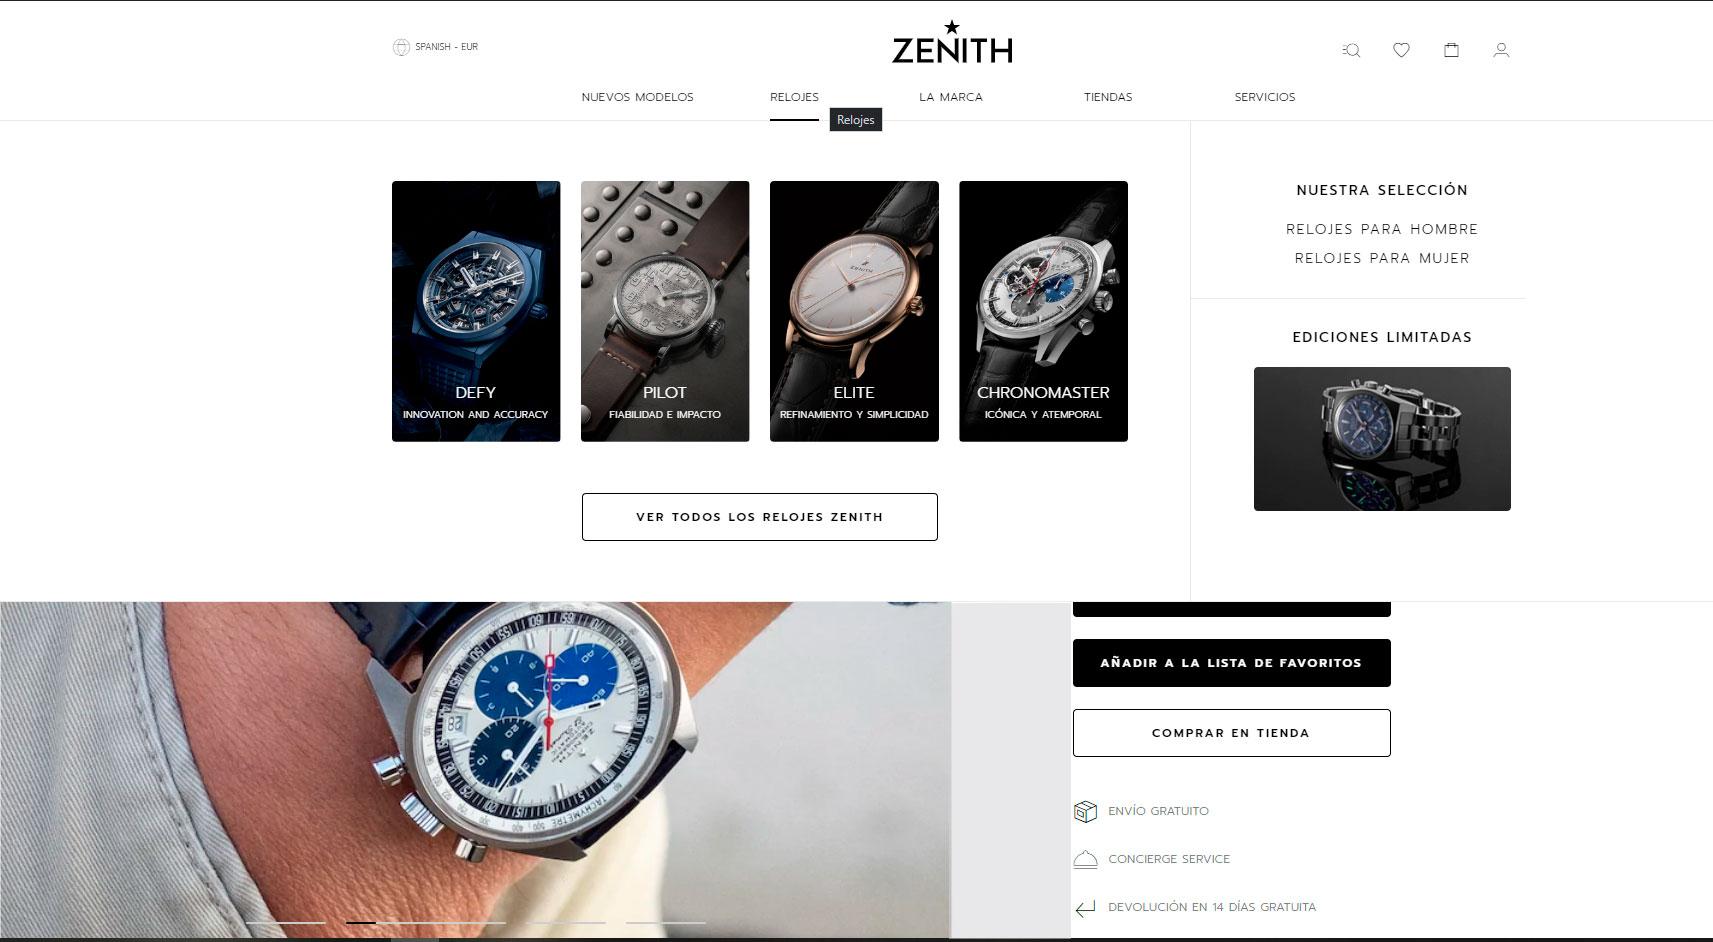 Página de inicio de la tienda online de Zenith